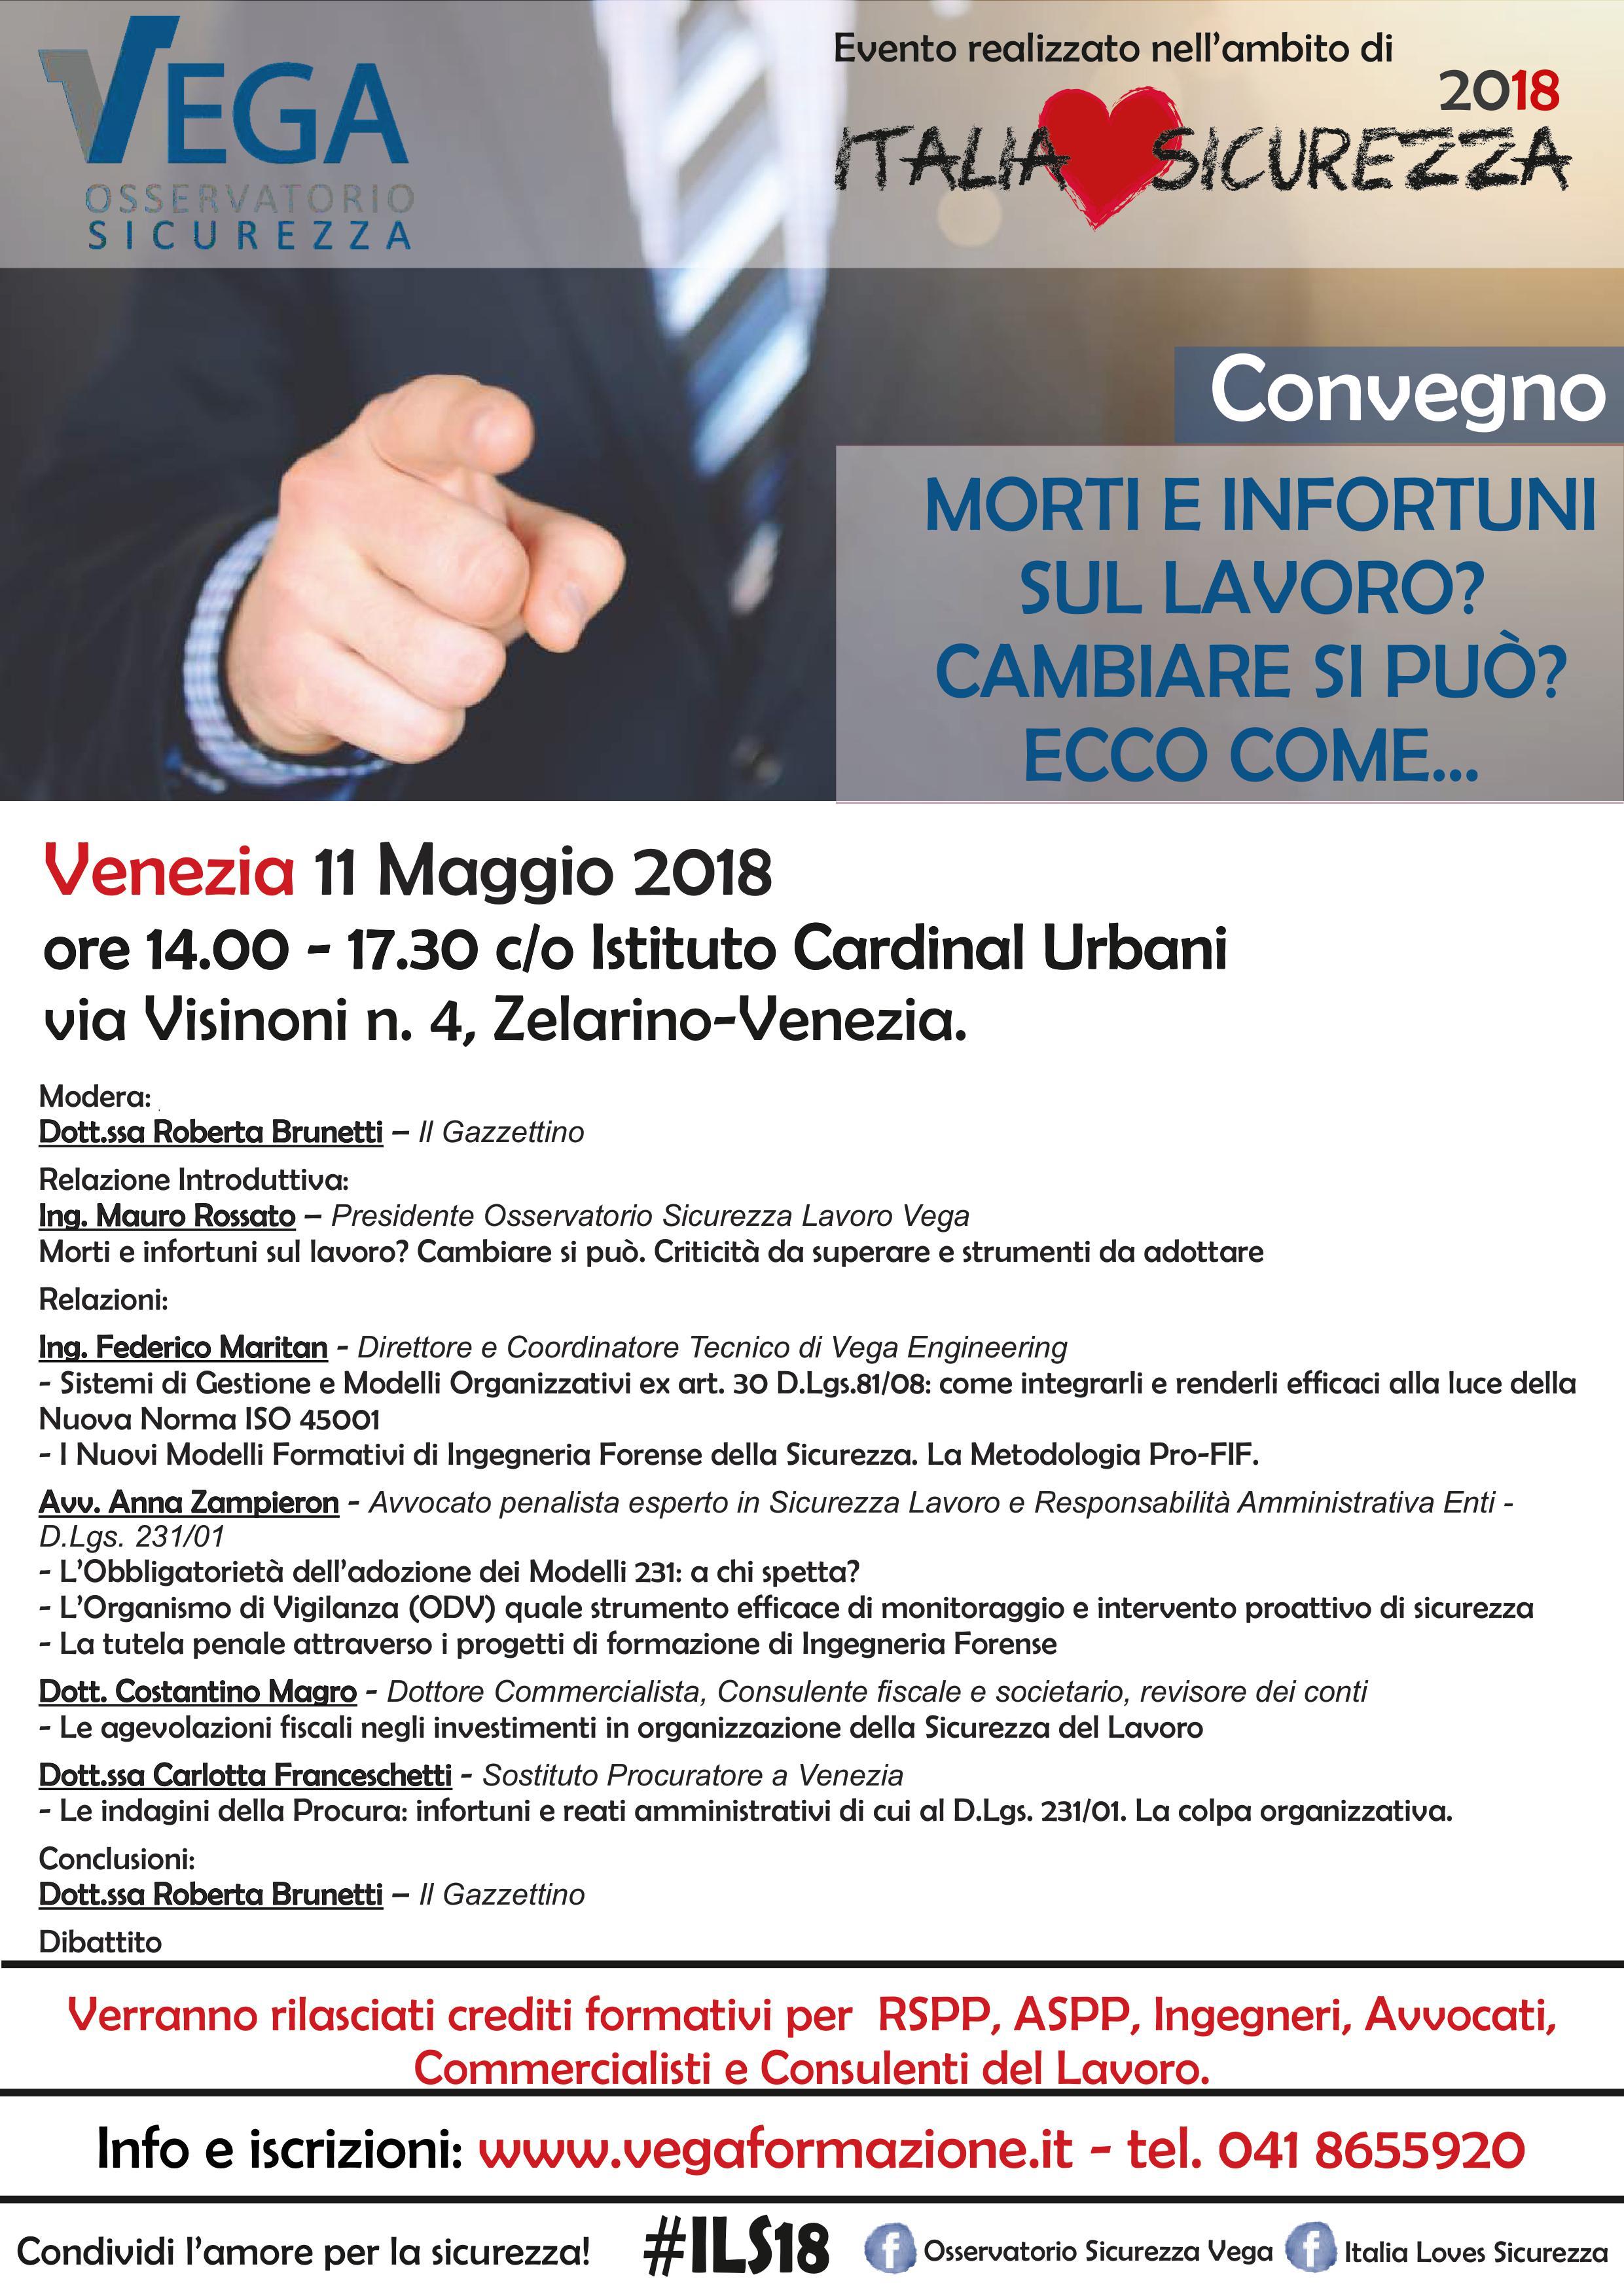 https://www.fondlhs.org/wp-content/uploads/2018/04/Locandina-Convegno-11-05-A4-ILS18.jpg